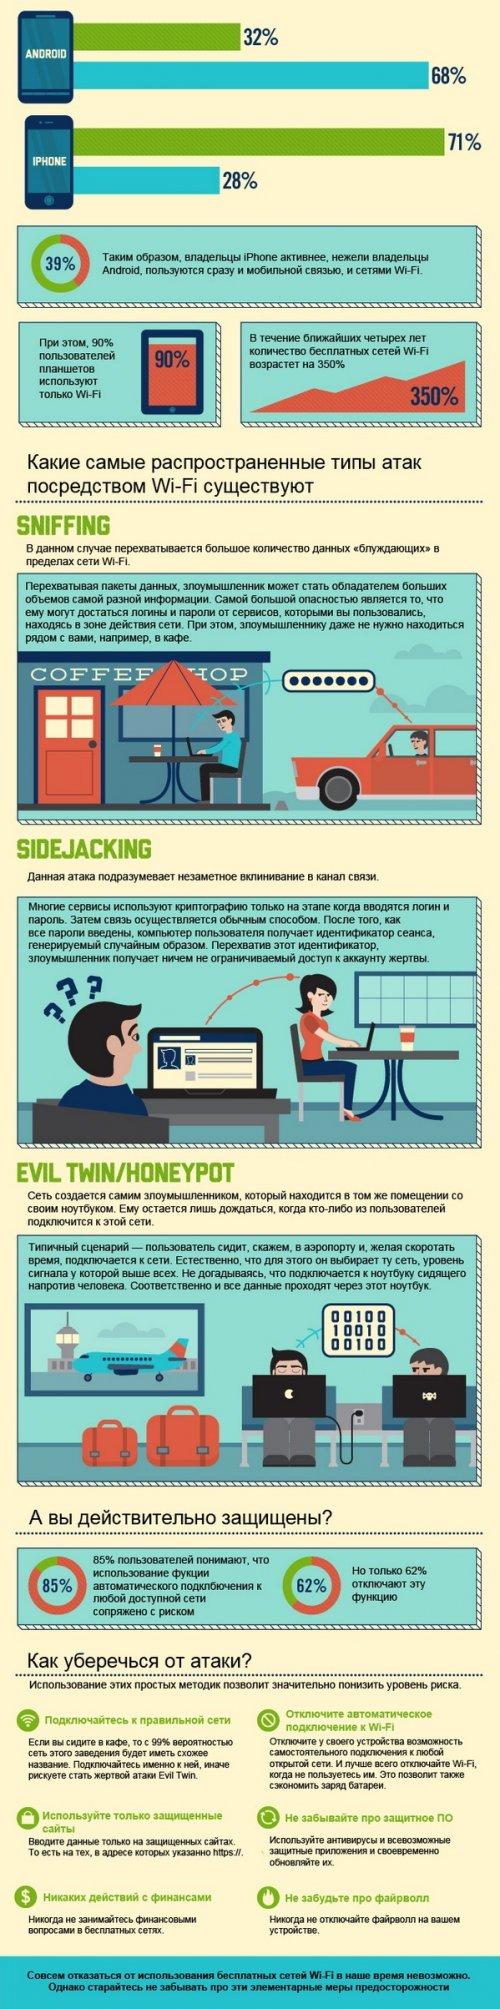 Какие опасности может нести бесплатный общественный Wi-Fi